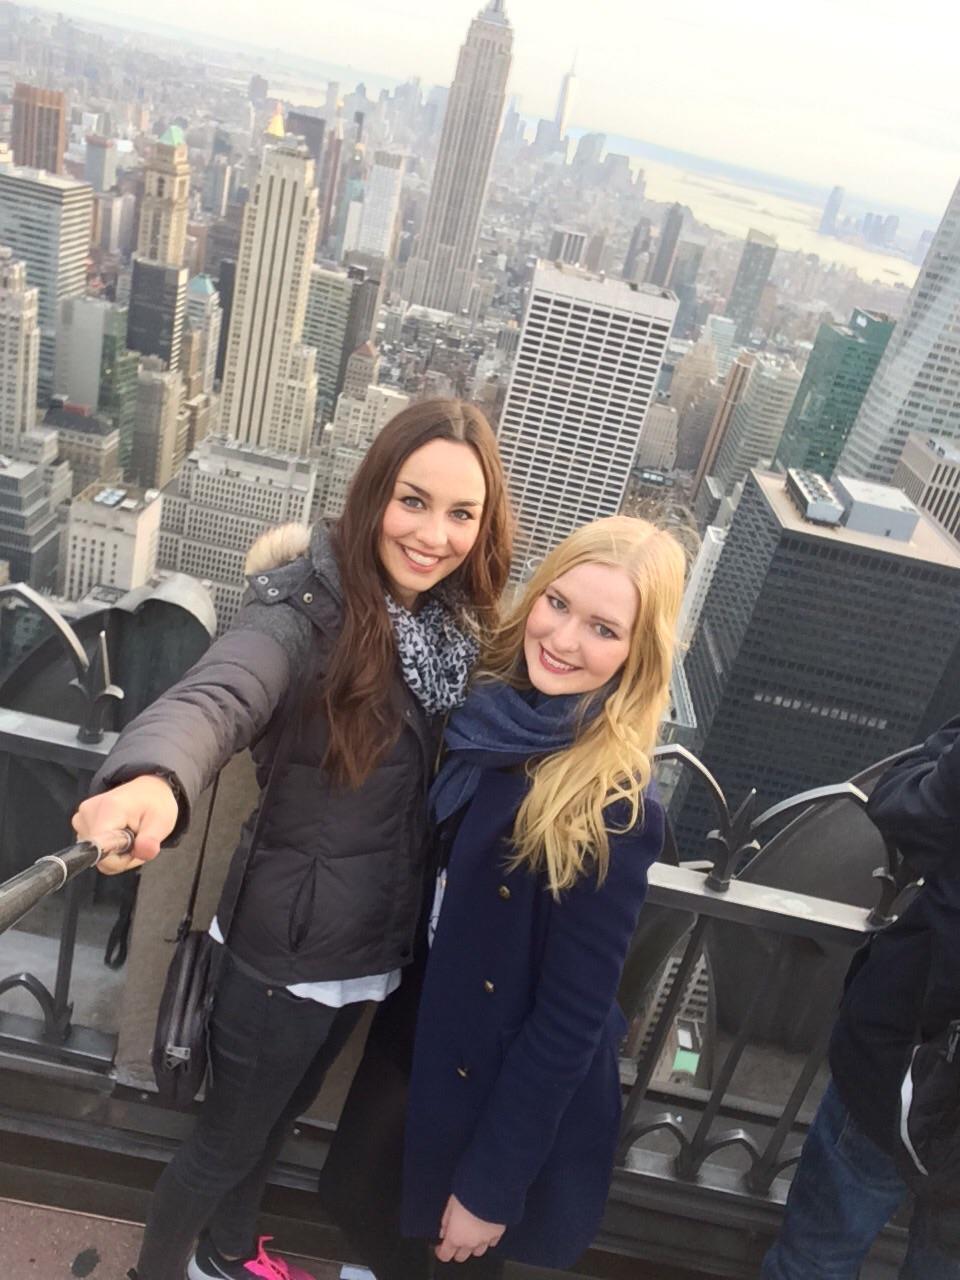 selfie stange smartphone addon